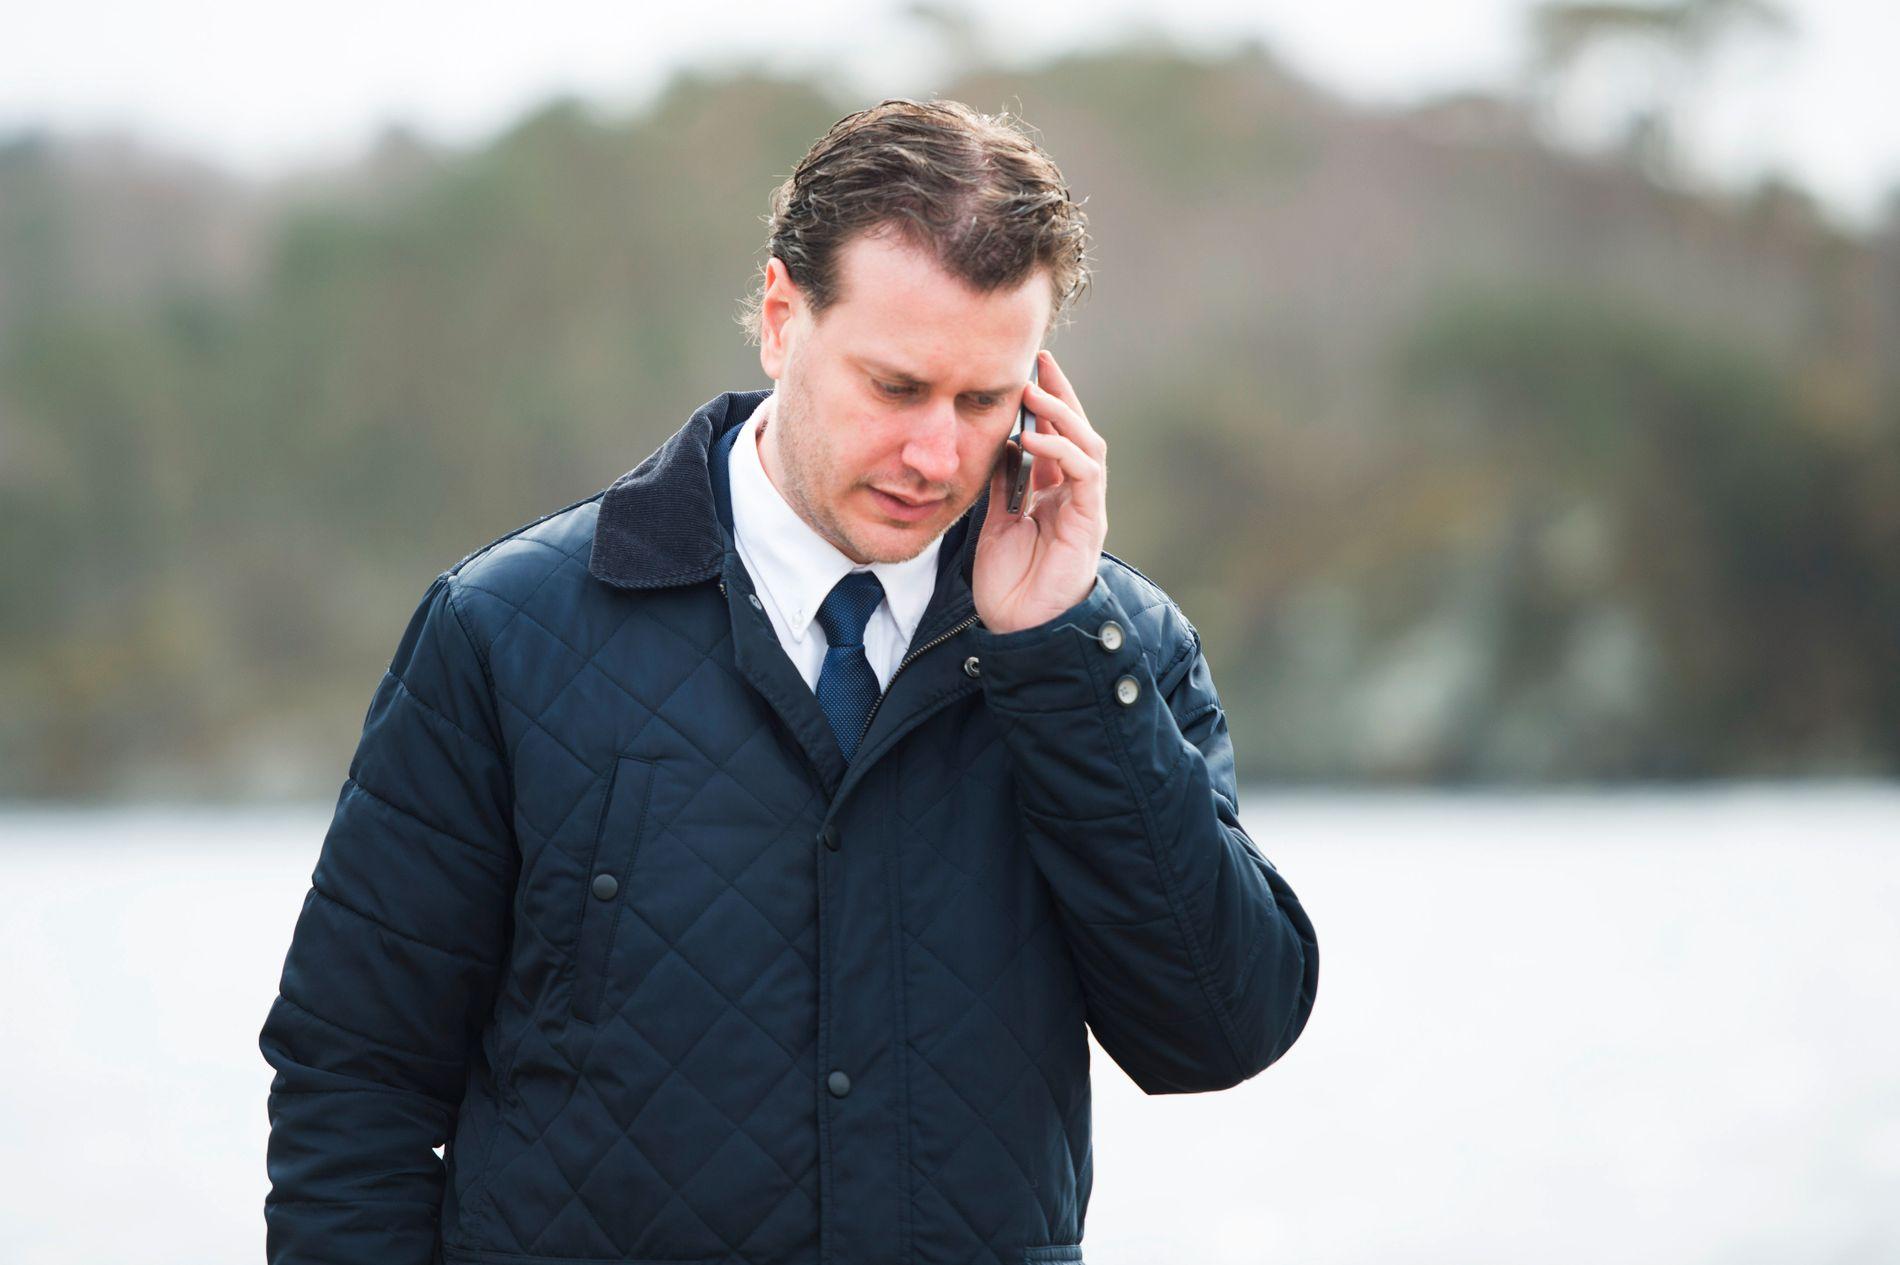 SENTRAL: I seks år var austevollingen Helge André Njåstad leiar for Frps organisasjonsutval, som handsamar varslingssaker i partiet. Han gjekk av i haust.